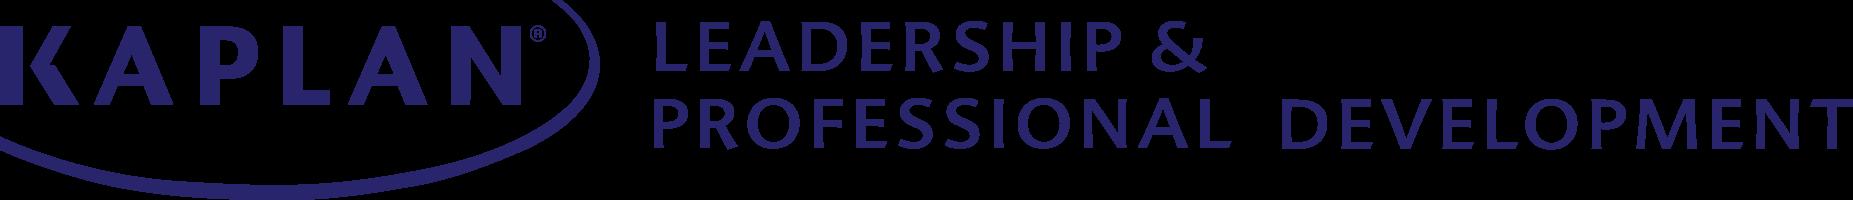 Kaplan Profesional logo